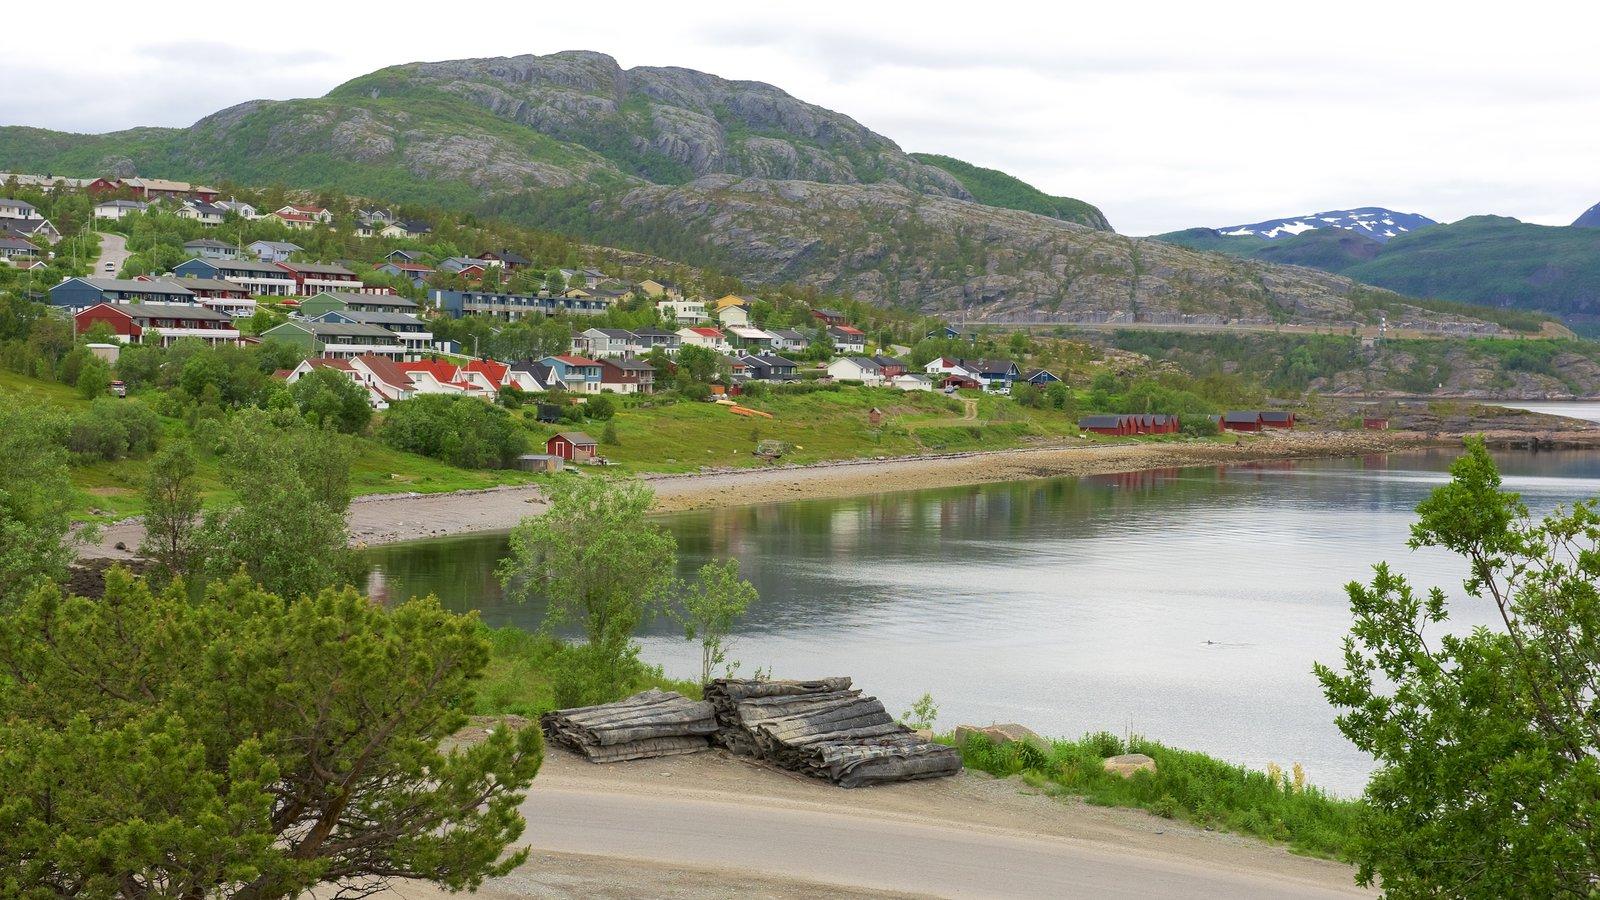 Alta mostrando un lago o abrevadero, montañas y una pequeña ciudad o pueblo